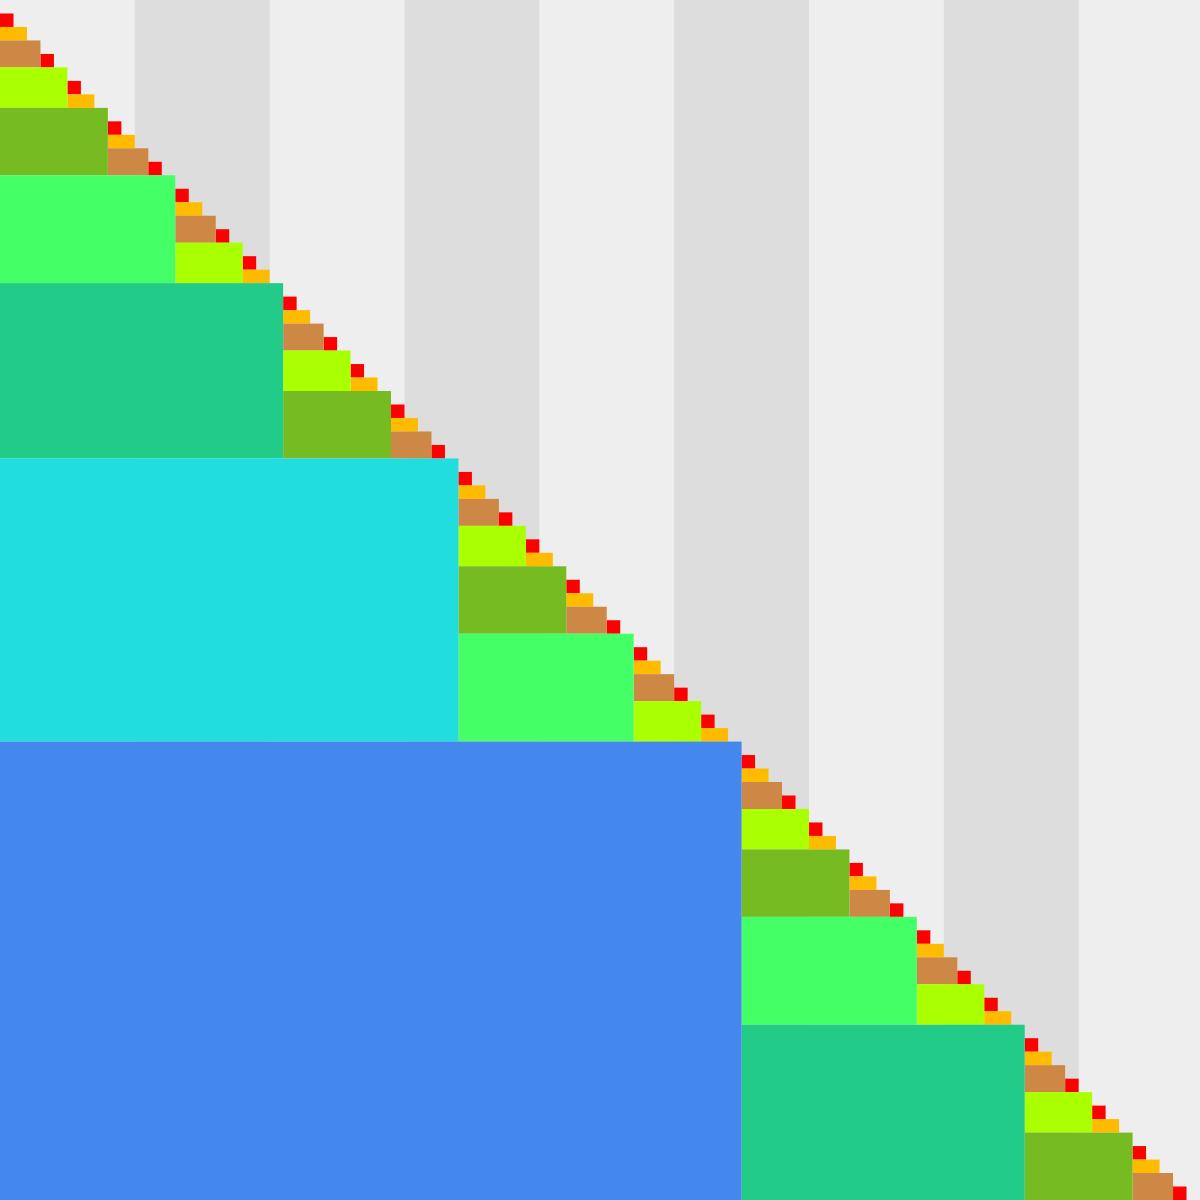 fibonacci vonalak a kereskedelemben